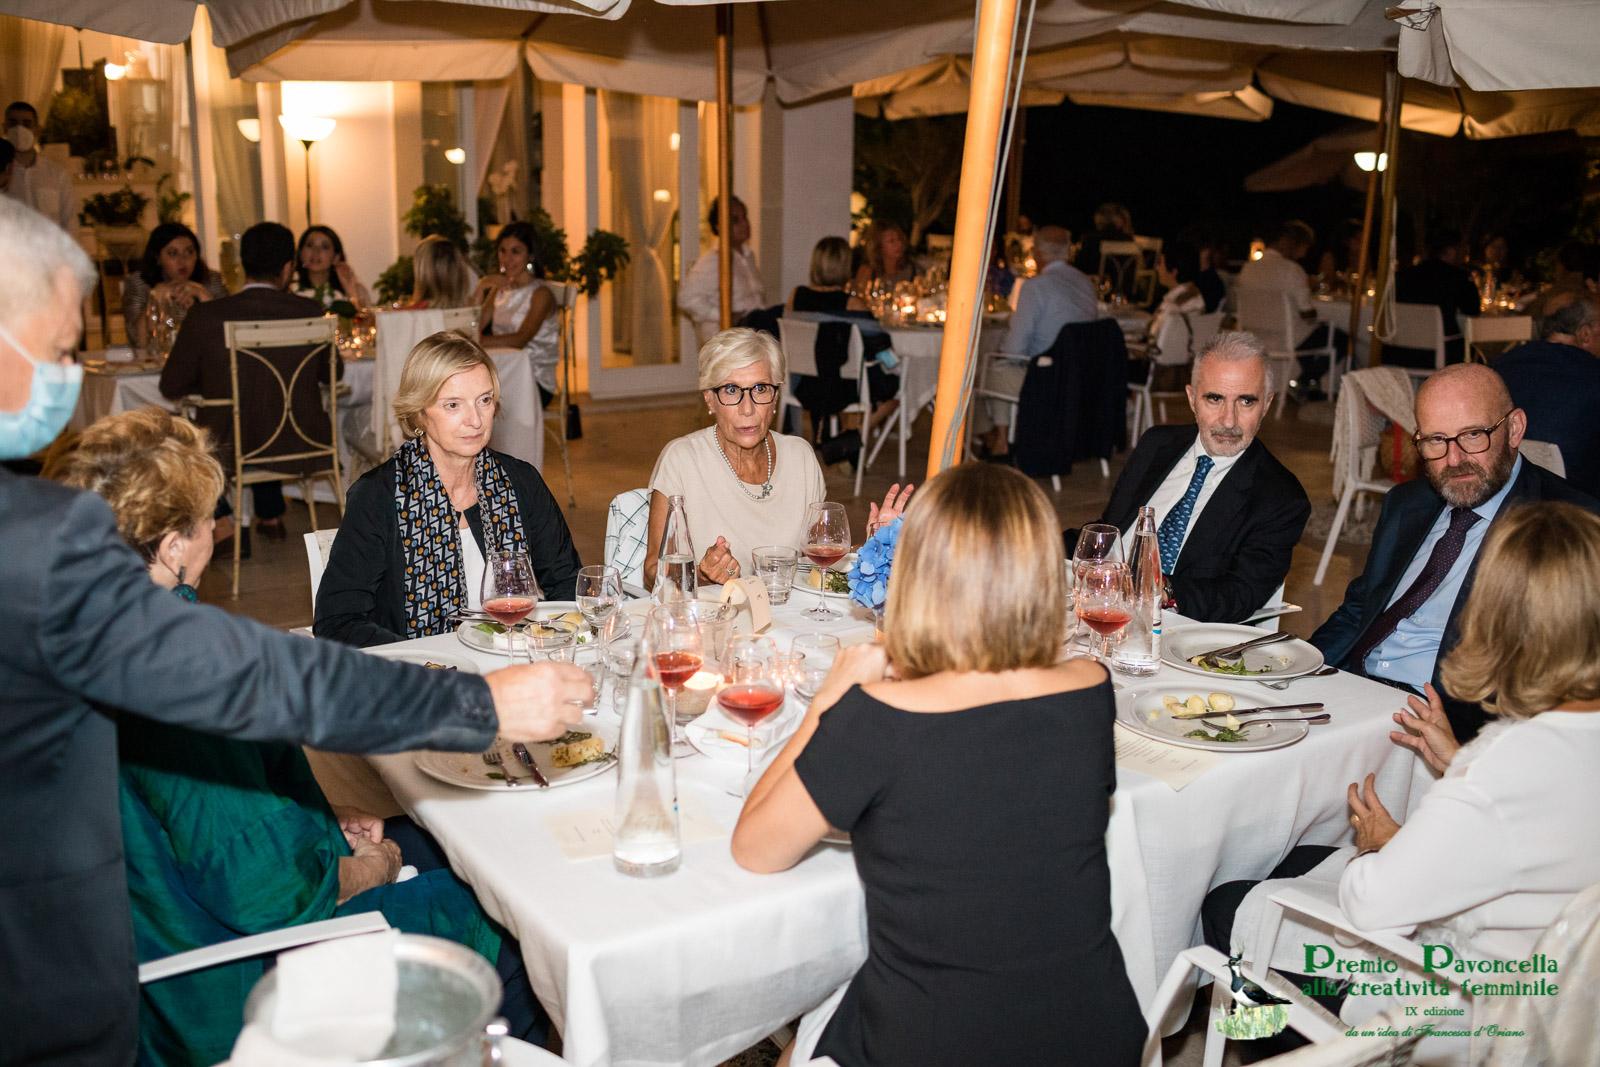 Anna Maria Tosto, Silvana Sciarra, Pietro Curzio e Domenico Giani durante la serata al San Francesco